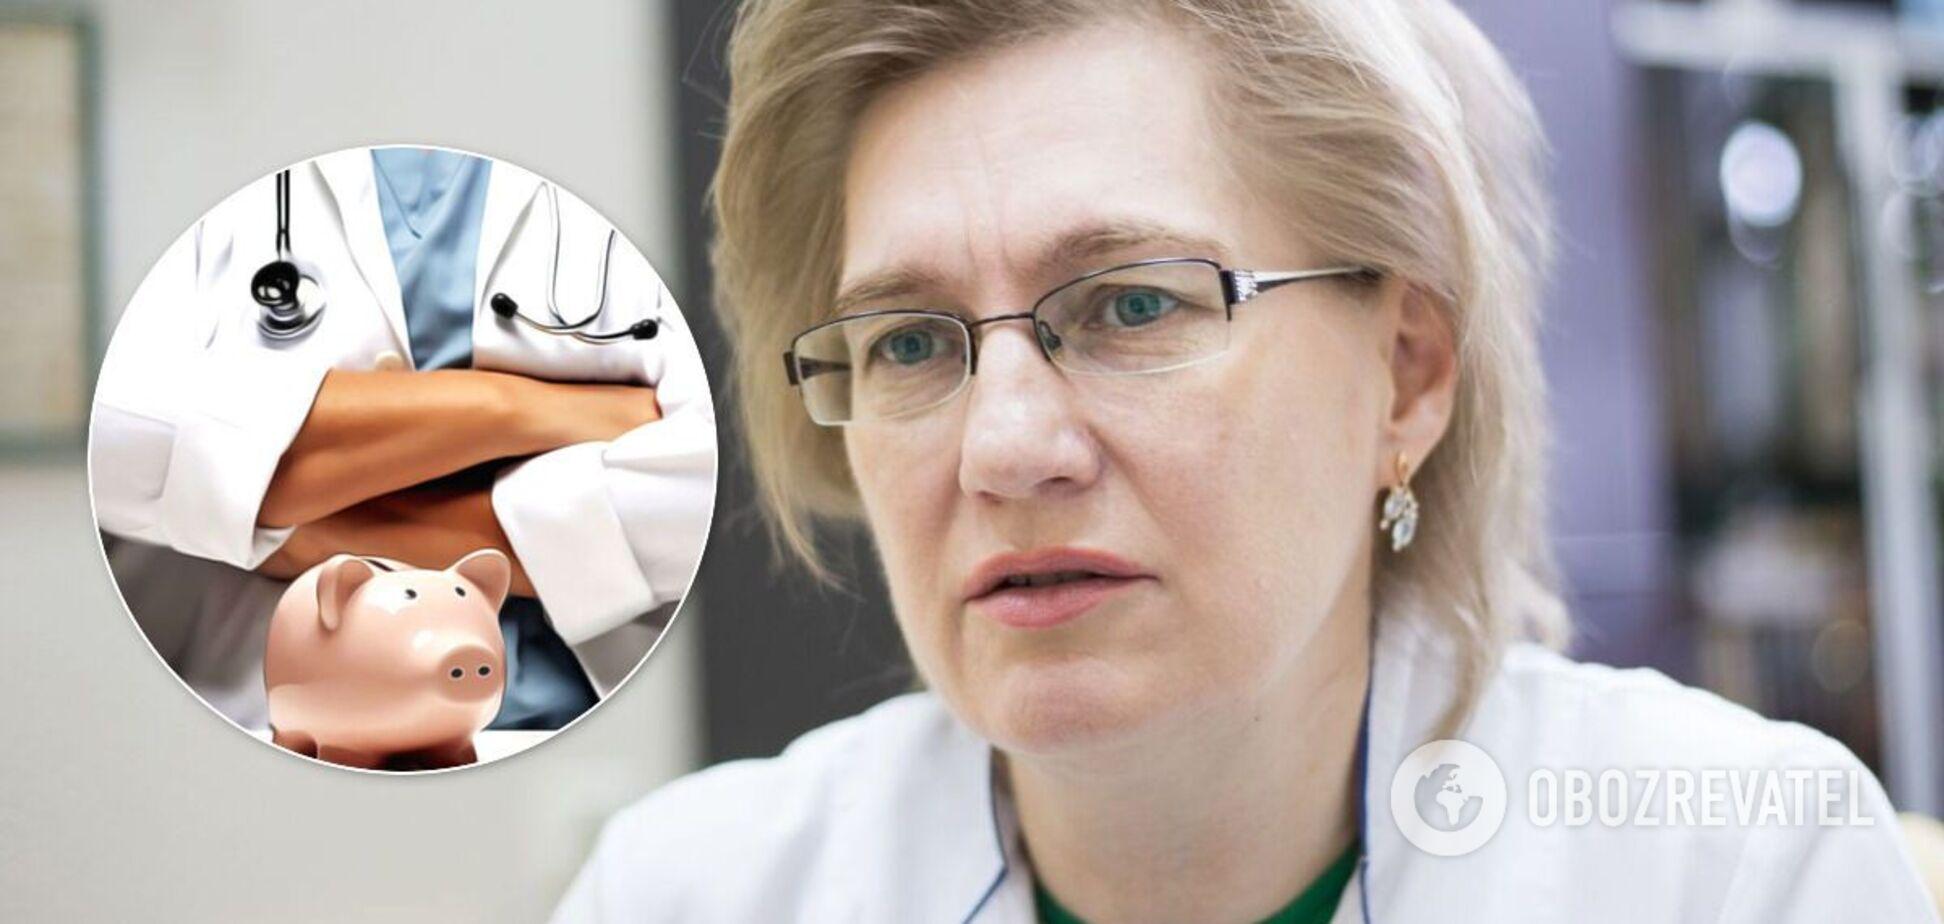 Голубовська вказала, якими мають бути зарплати медиків в Україні